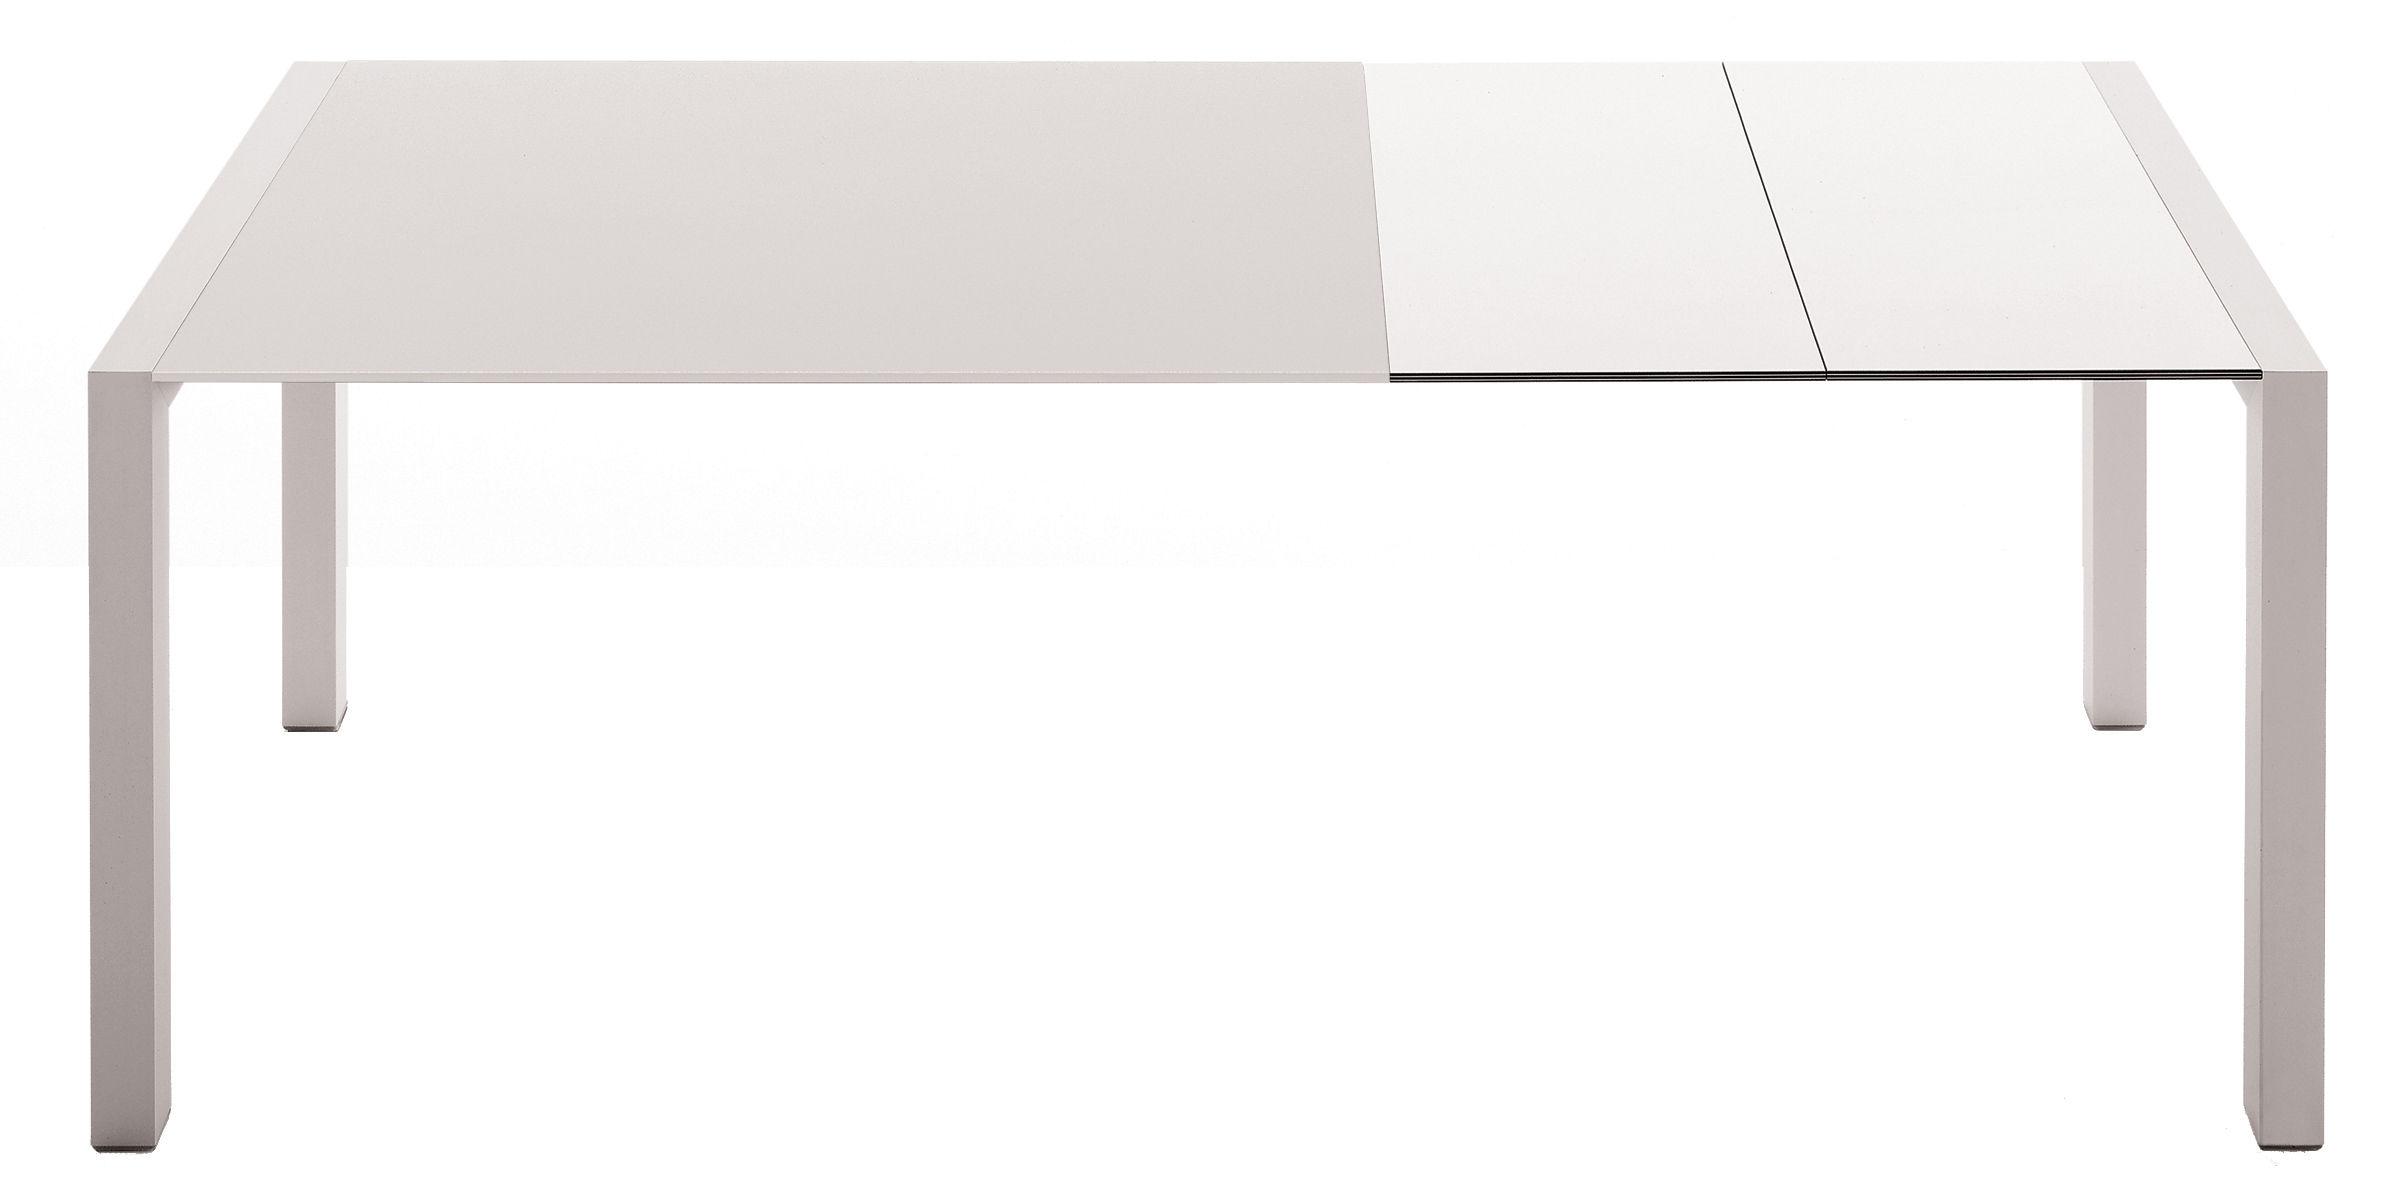 Trends - Zu Tisch! - Sushi Ausziehtisch L 150 cm / 225 cm - Kristalia - Tischplatte Glas weiß / Einlegeplatten Laminat weiß - eloxiertes Aluminium, klarlackbeschichtetes Glas, stratifiziertes Laminat